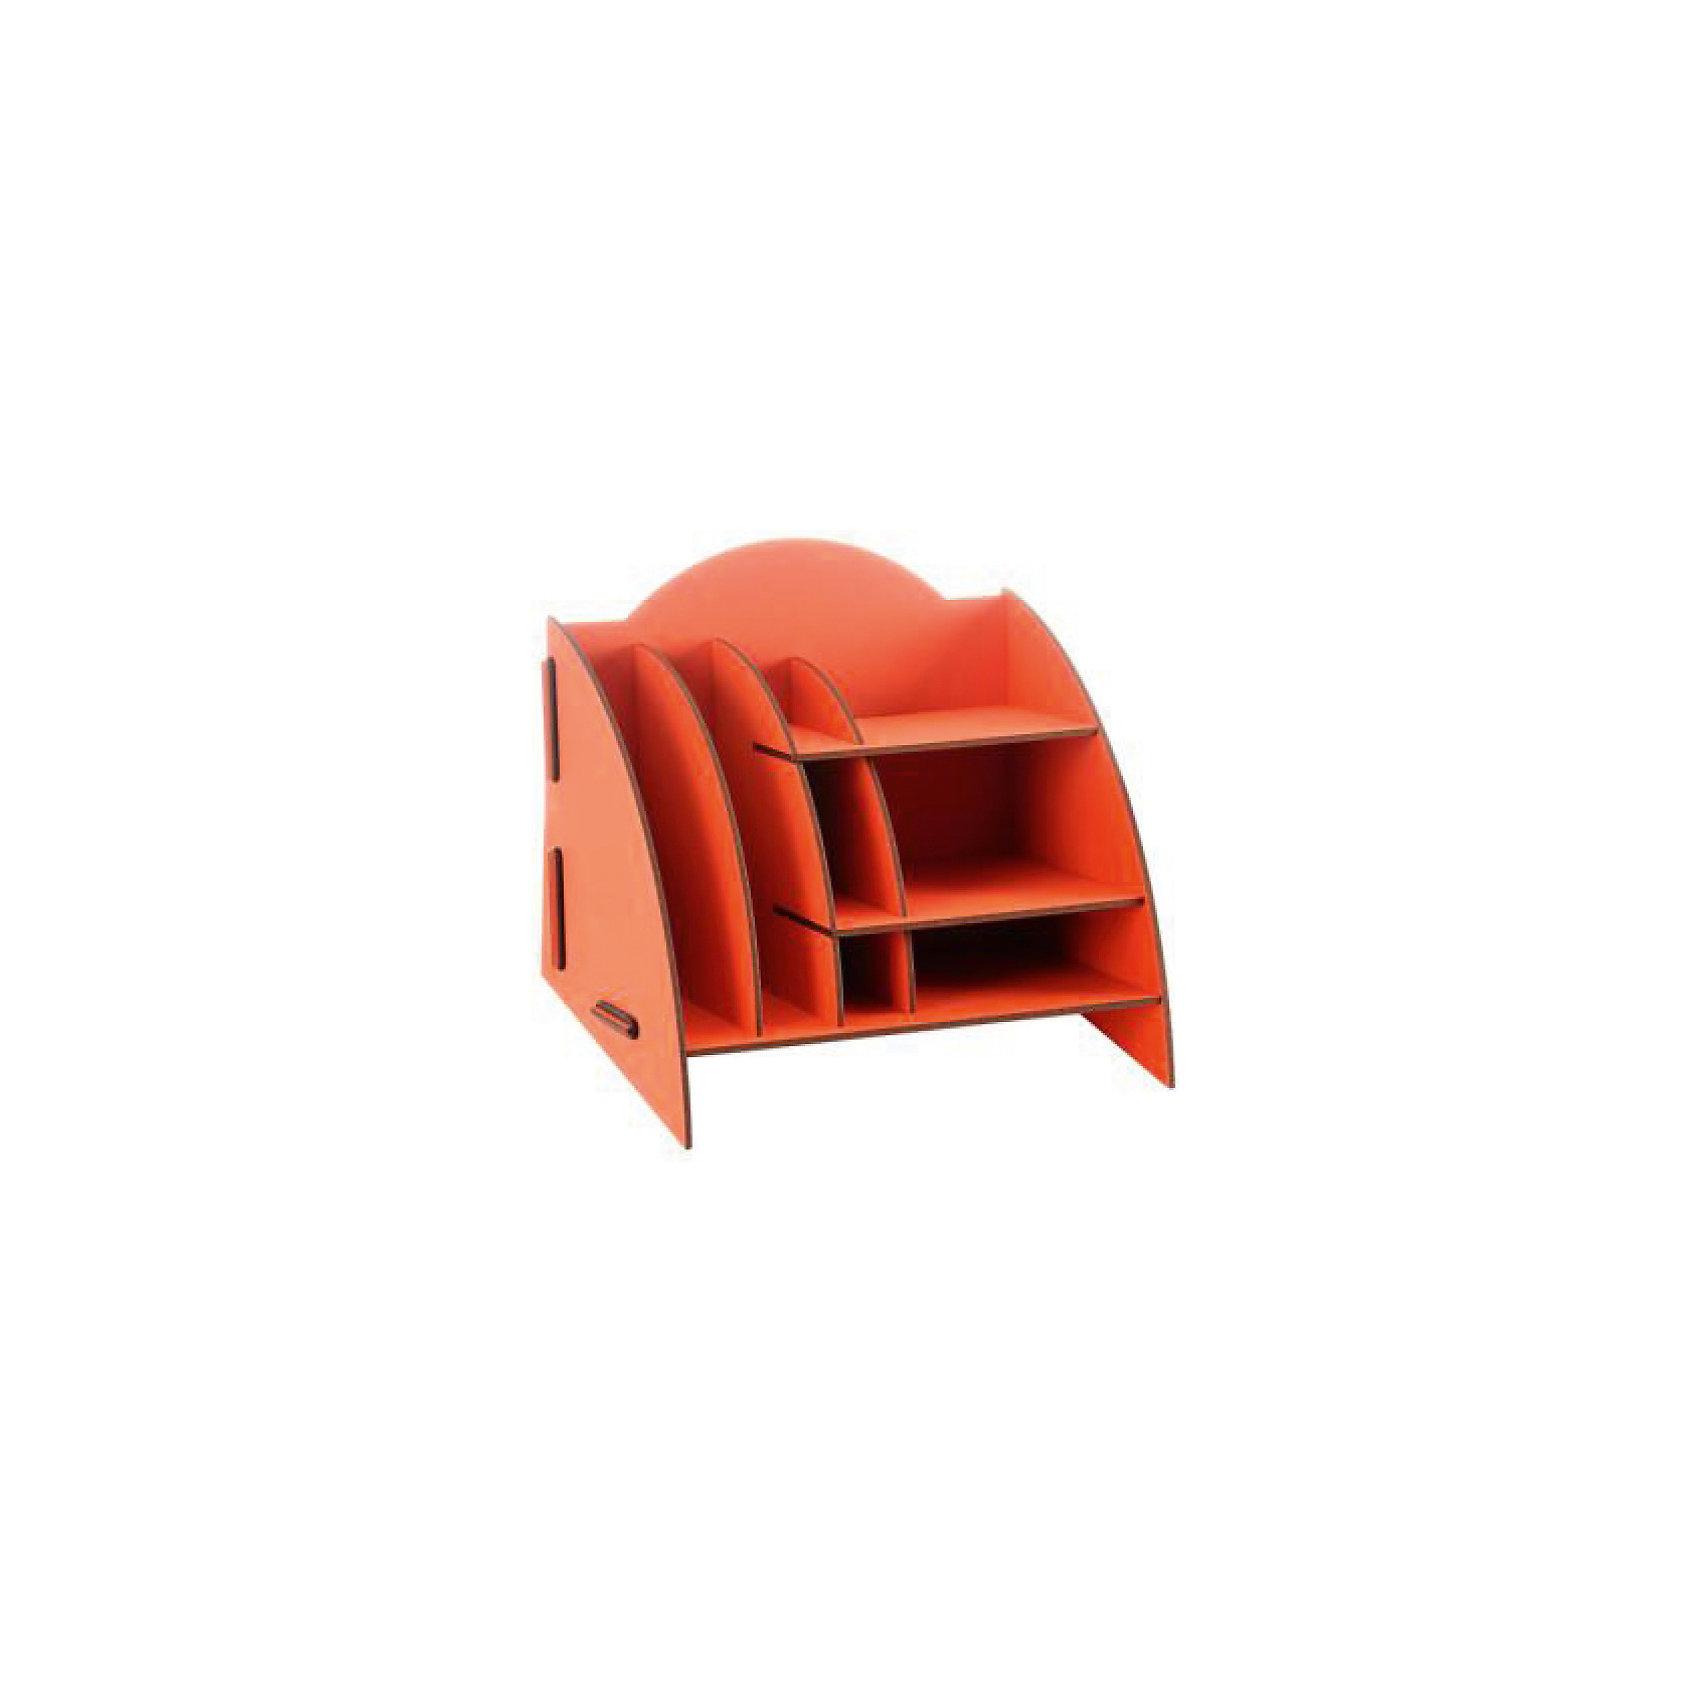 Органайзер на стол 8 отделов, HomsuПредметы интерьера<br>Этот настольный органайзер просто незаменим на рабочем столе, он вместителен, его размеры- 23Х20Х19см и в то же время он не занимает много места. Оригинальный дизайн дополнит интерьер дома и разбавит цвет в скучном сером офисе. Он изготовлен из МДФ и легко собирается из съемных частей. Имеет 8 отделений для хранения документов, канцелярских предметов и всяких мелочей.<br><br>Ширина мм: 650<br>Глубина мм: 350<br>Высота мм: 110<br>Вес г: 1200<br>Возраст от месяцев: 216<br>Возраст до месяцев: 1188<br>Пол: Унисекс<br>Возраст: Детский<br>SKU: 5620268